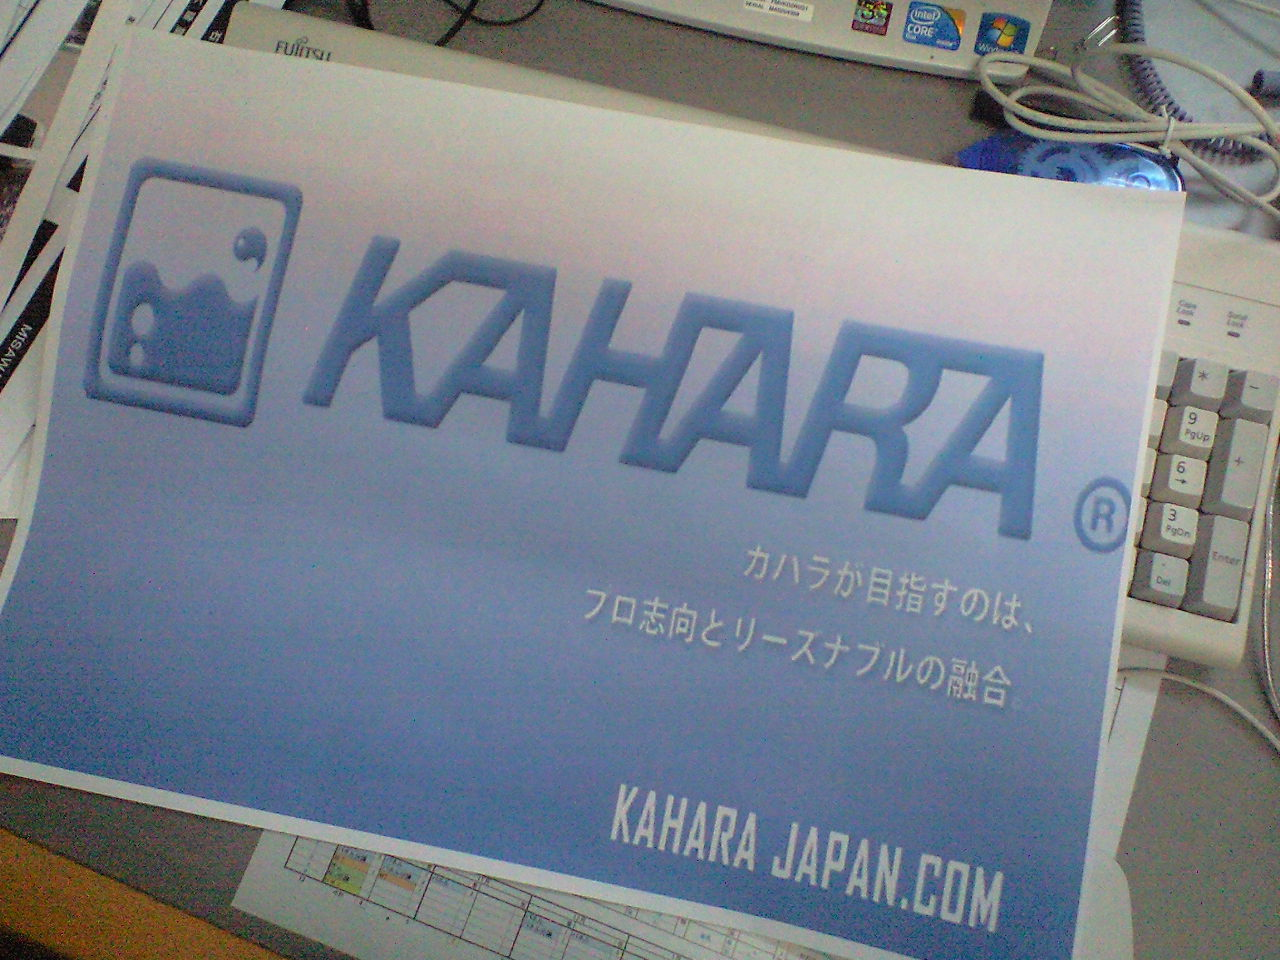 もしかして…伊達直人は『KAHARA JAPAN』